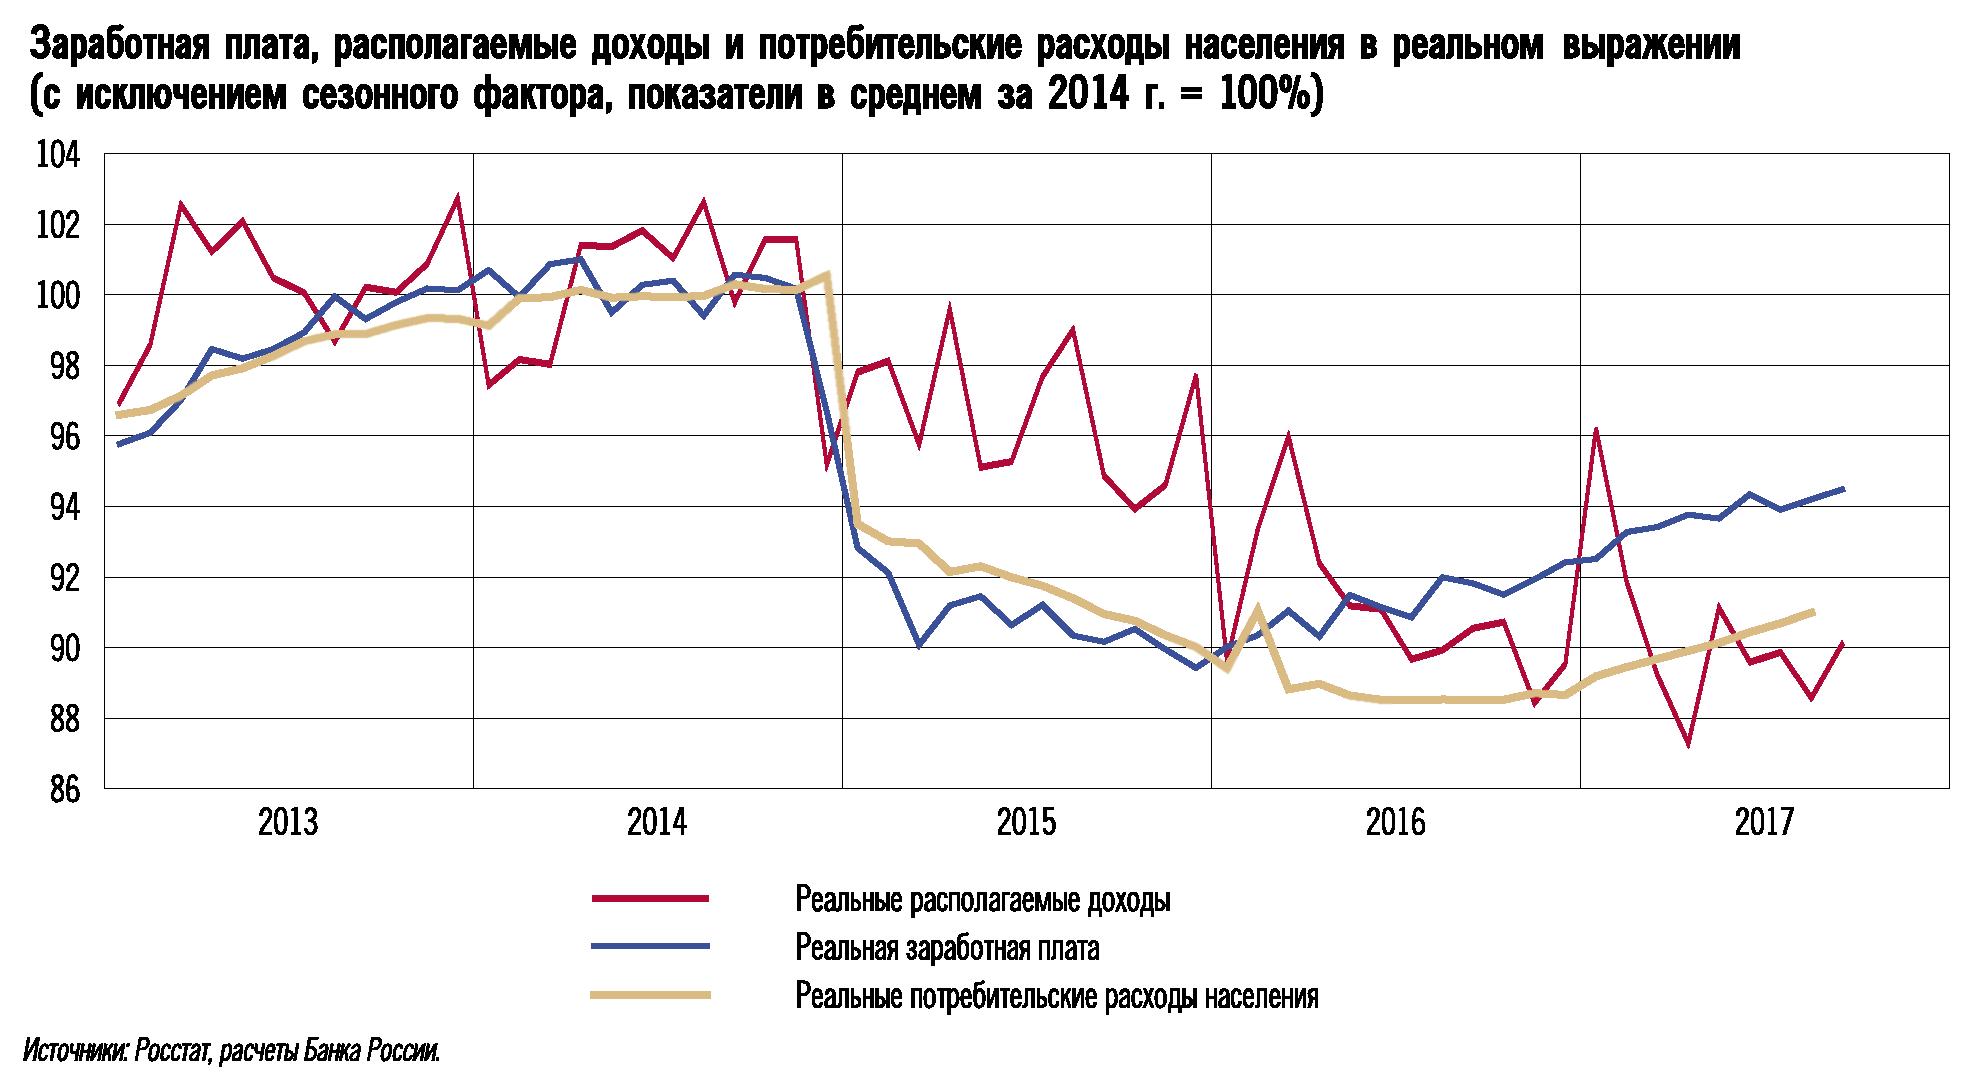 Иностранная кредитная организация центральный банк